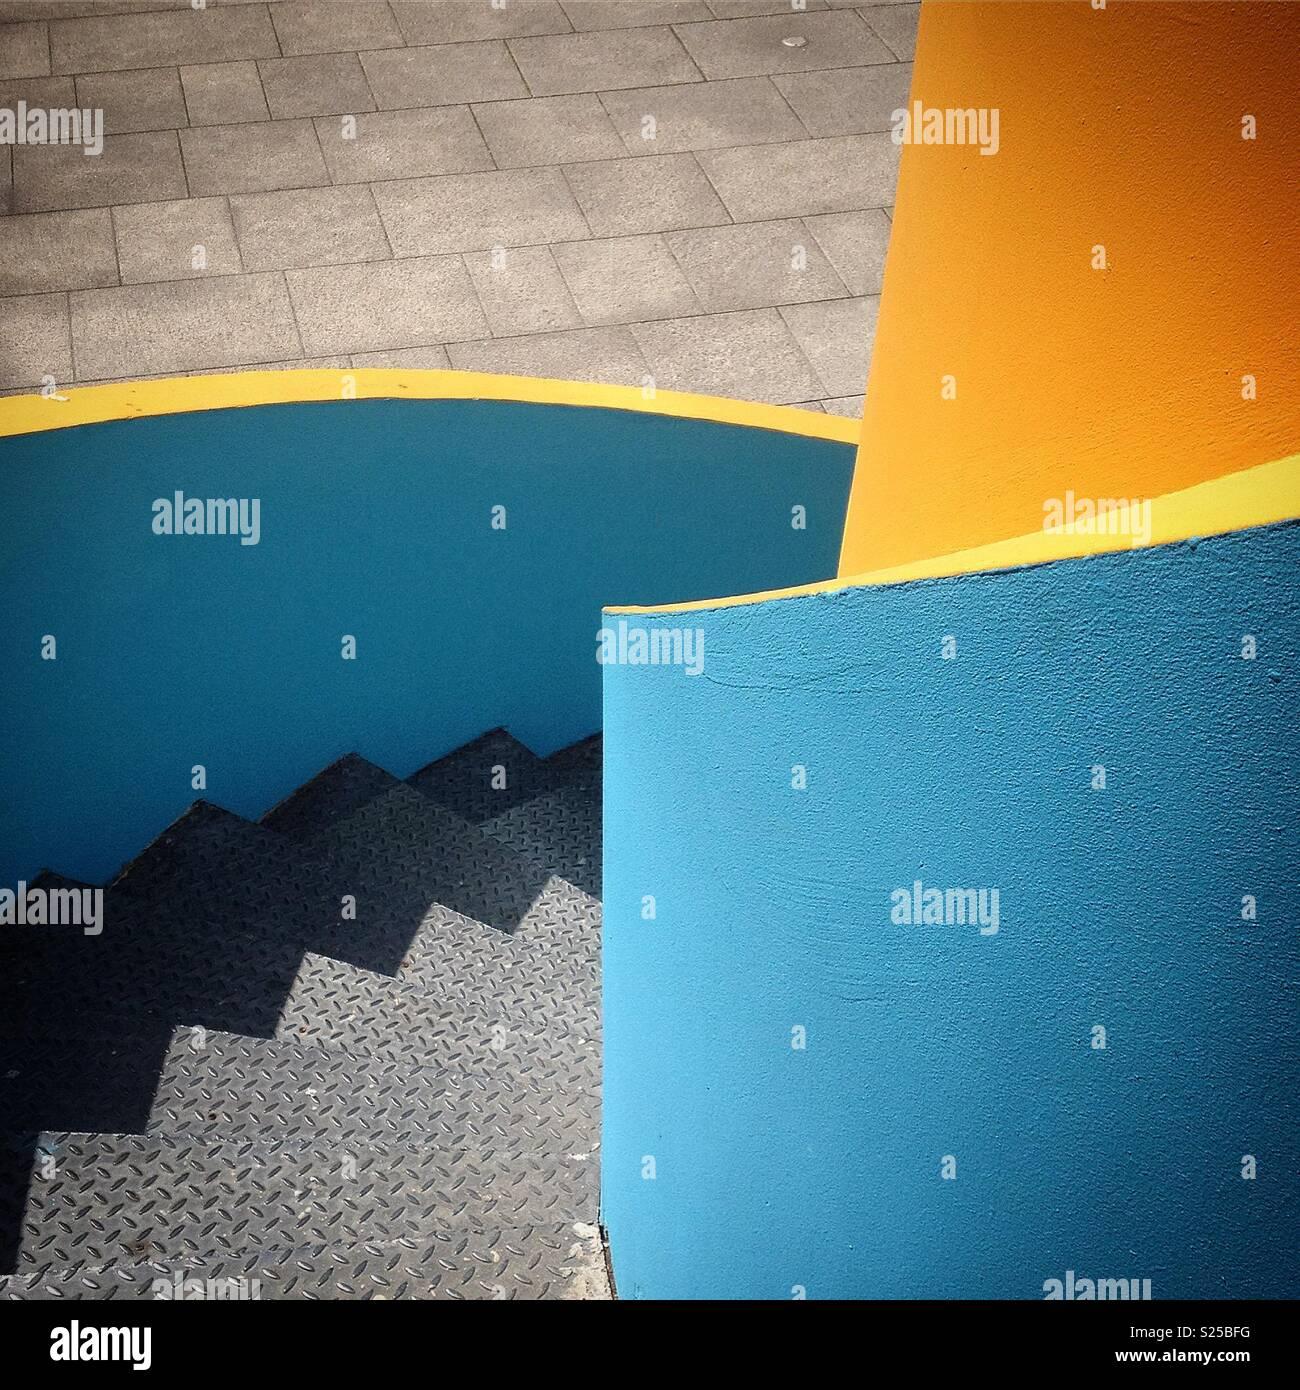 Pasos de metal pintado de amarillo y azul con muro de hormigón Imagen De Stock